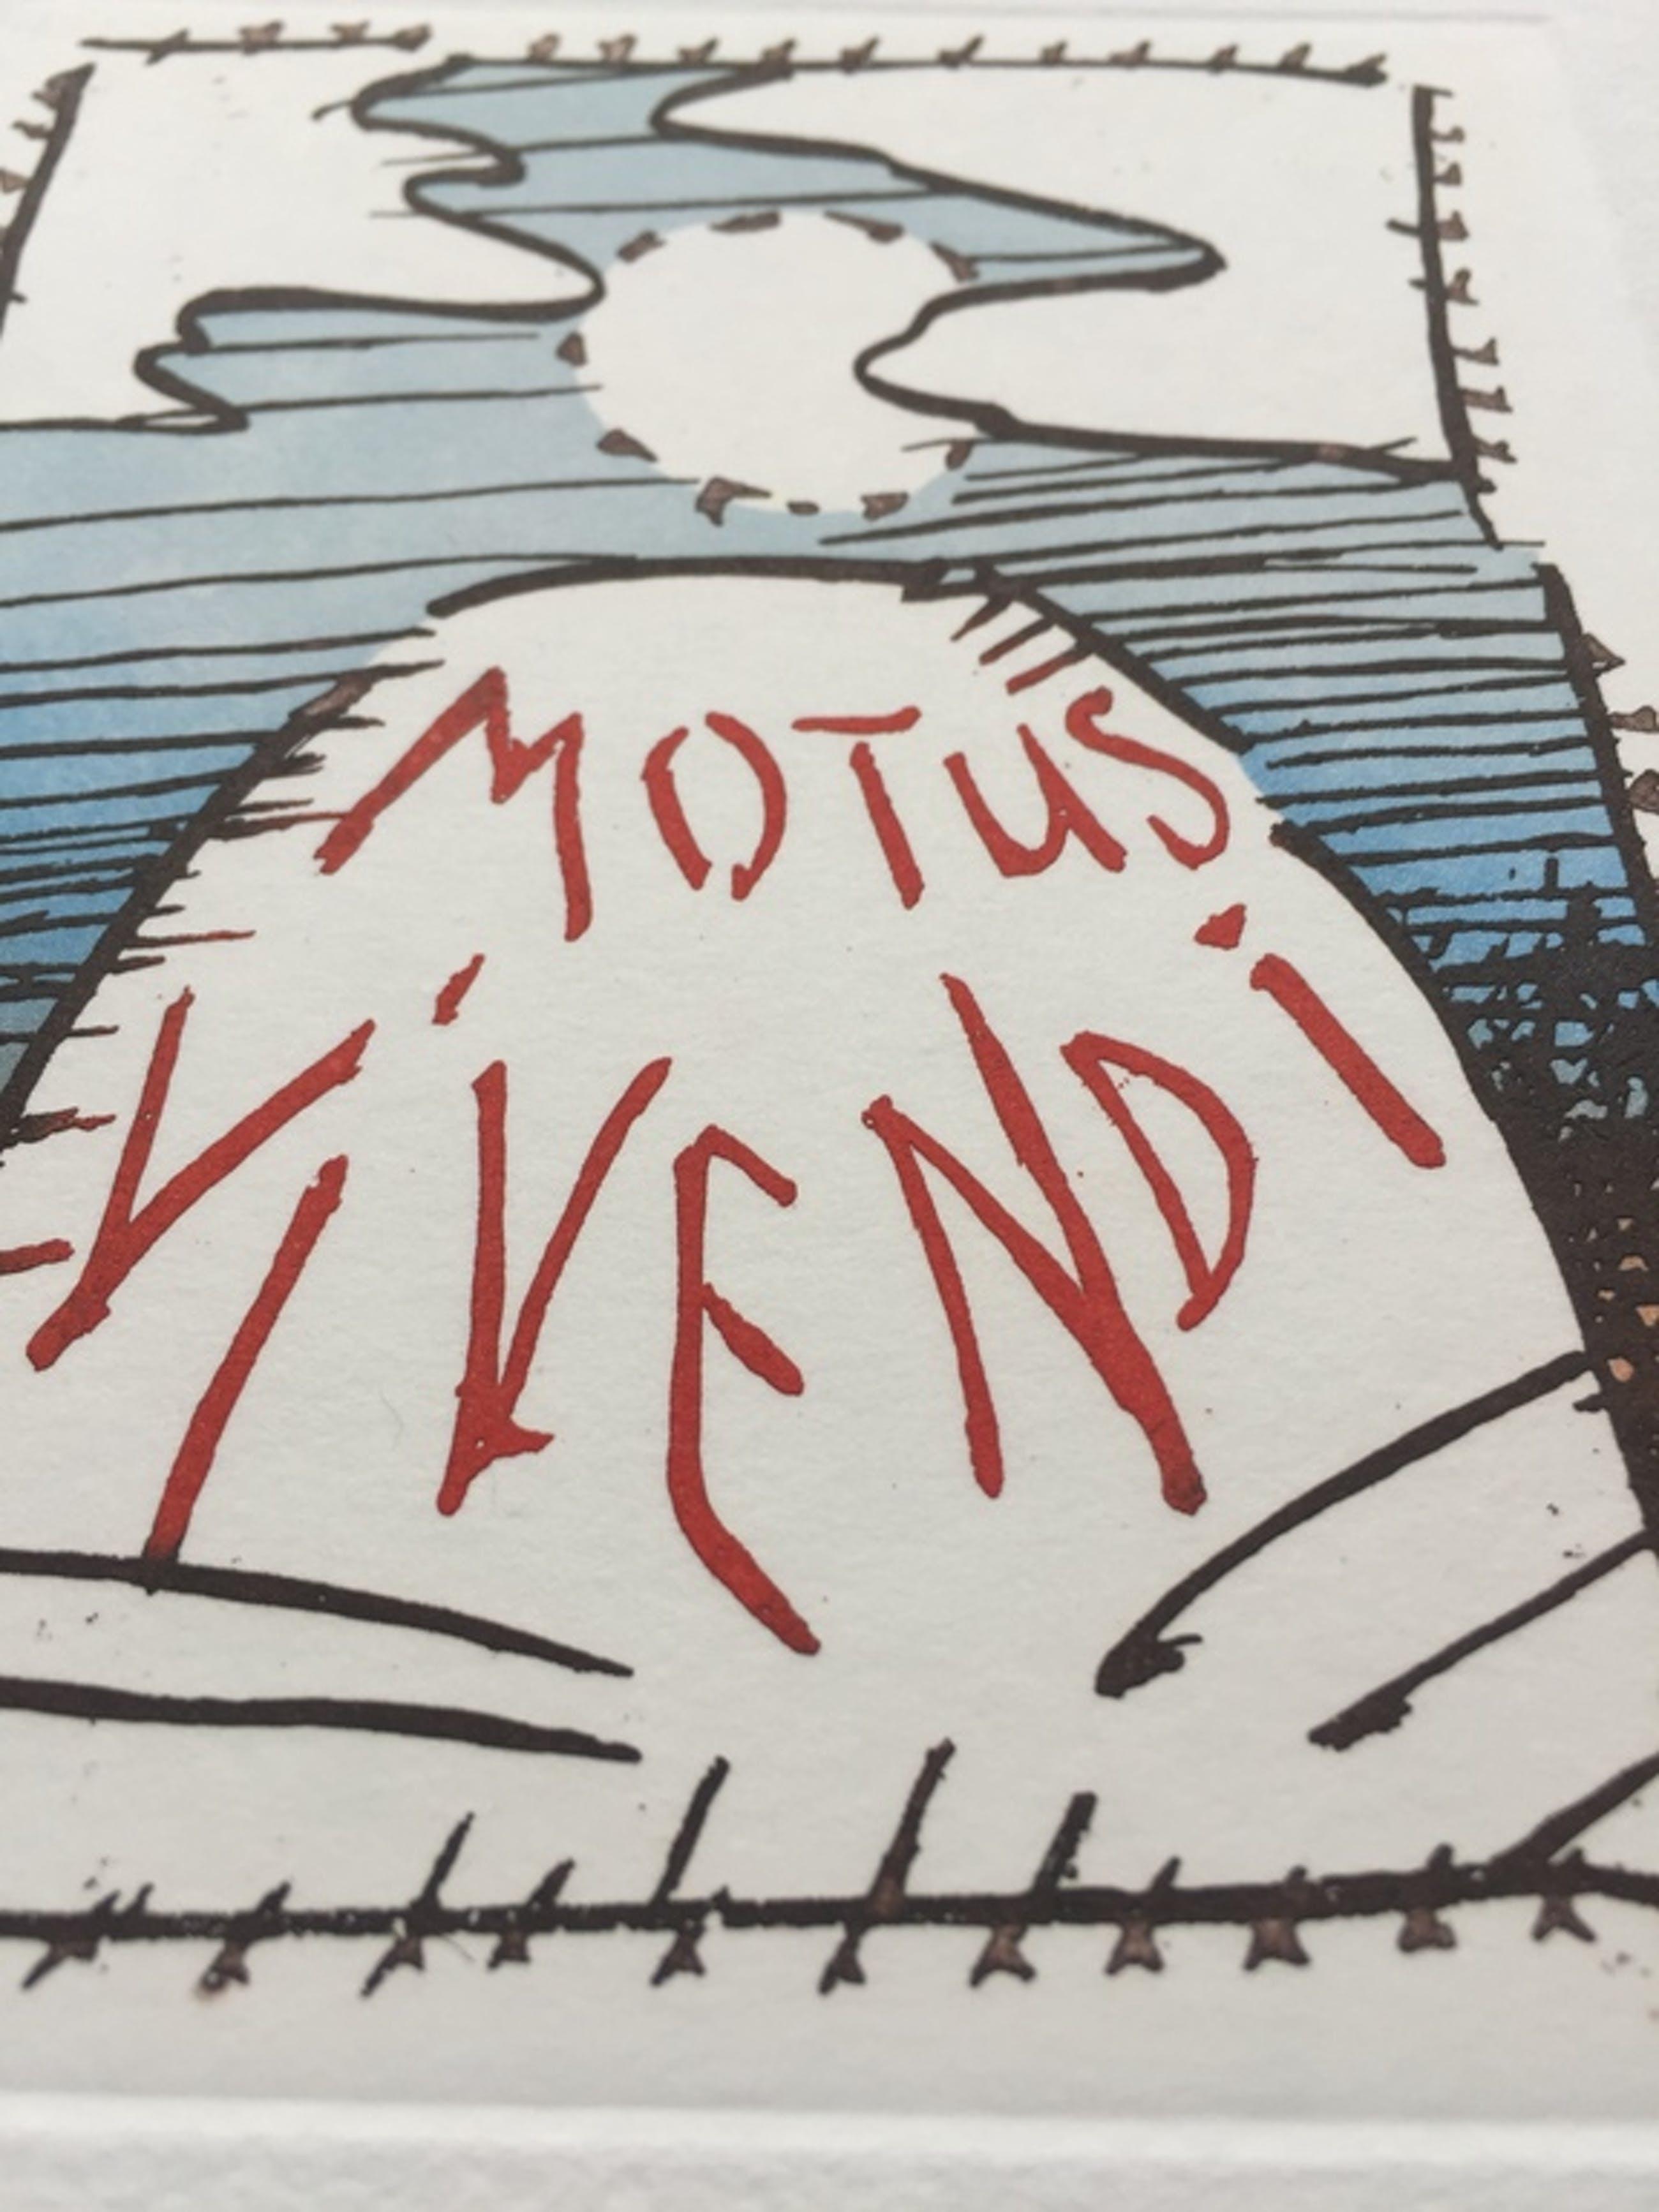 Pierre Alechinsky etching - Motus Vivendi kopen? Bied vanaf 300!